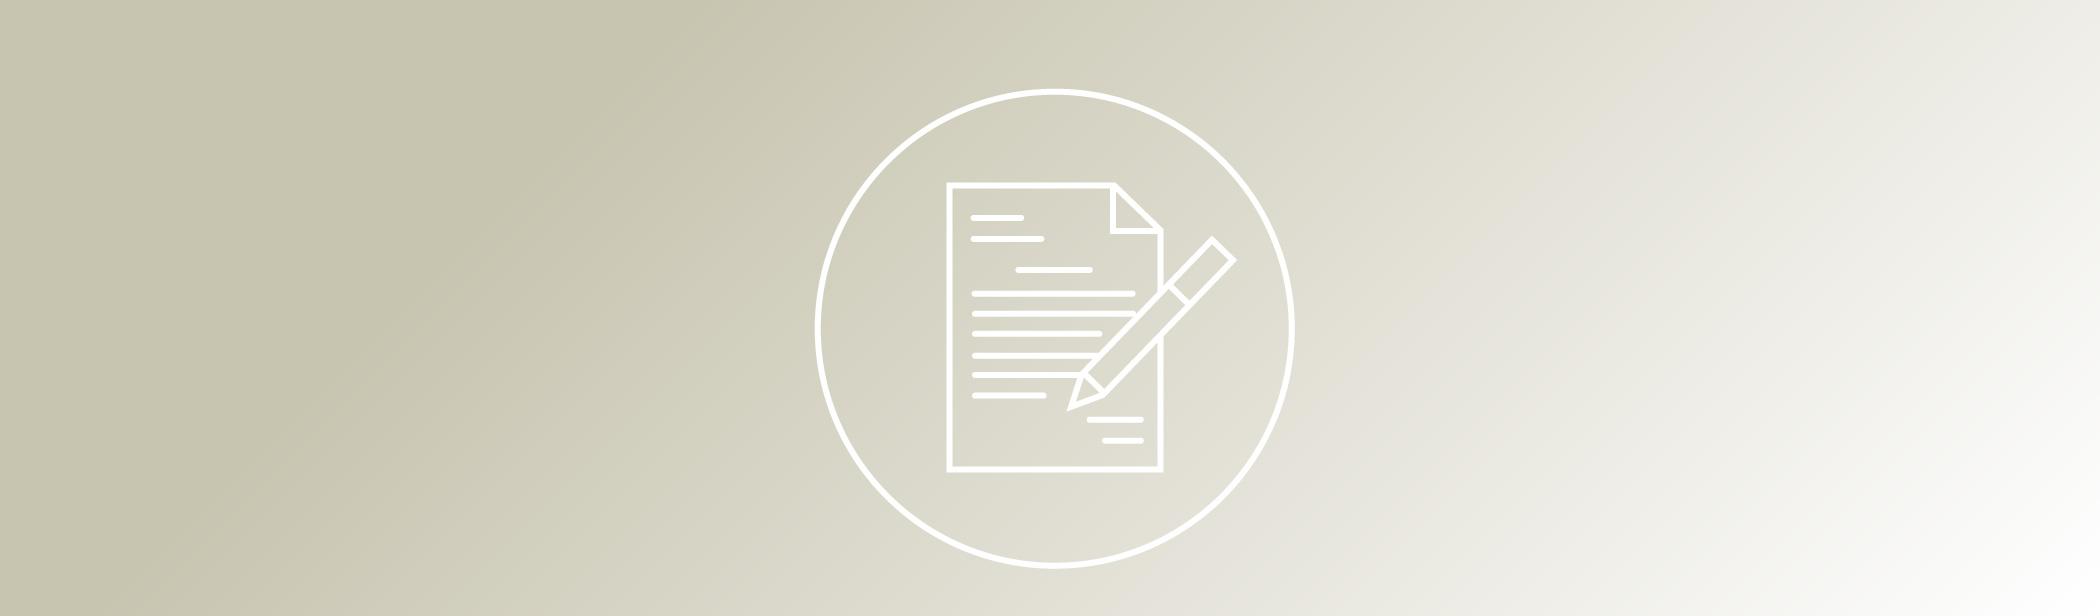 Arbeitszeugnis – Anspruch auf Rückdatierung?